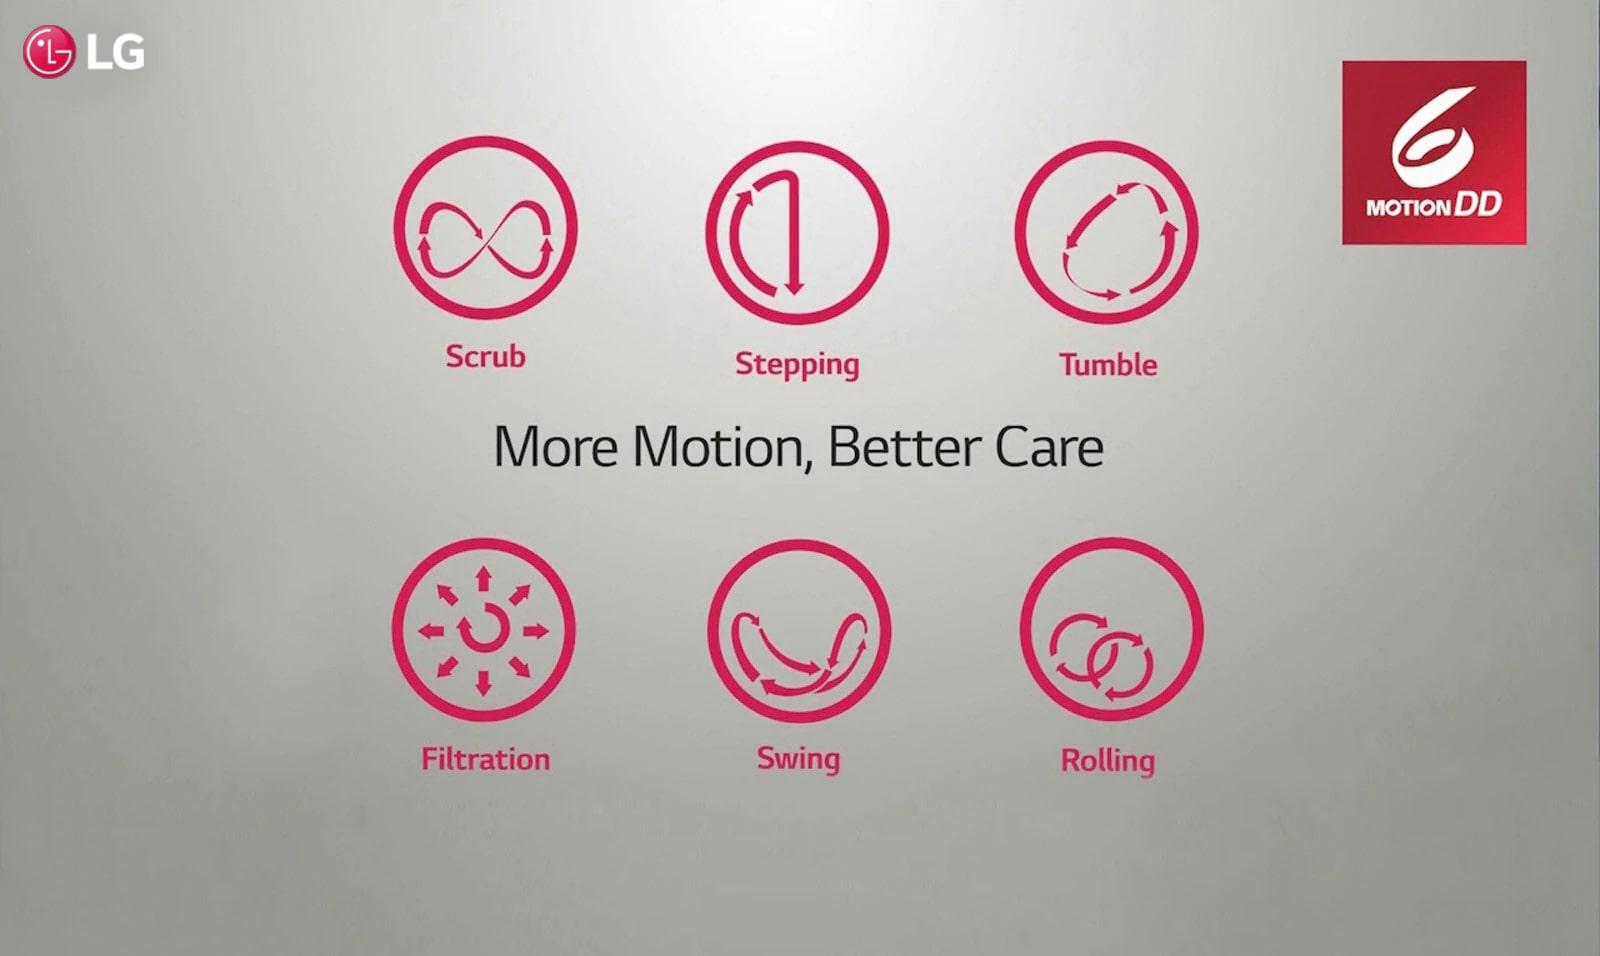 LG FHV1408ZWB More Motion Better Care